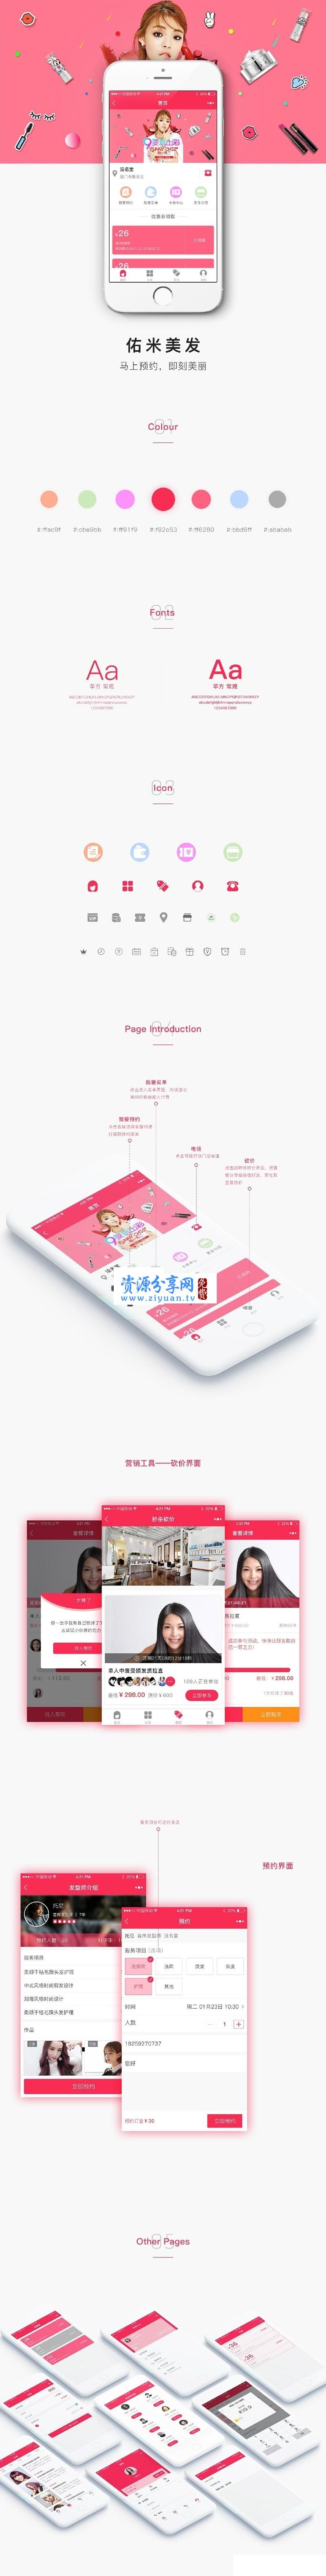 柚子美发小程序 V4.3.1 【微擎小程序】